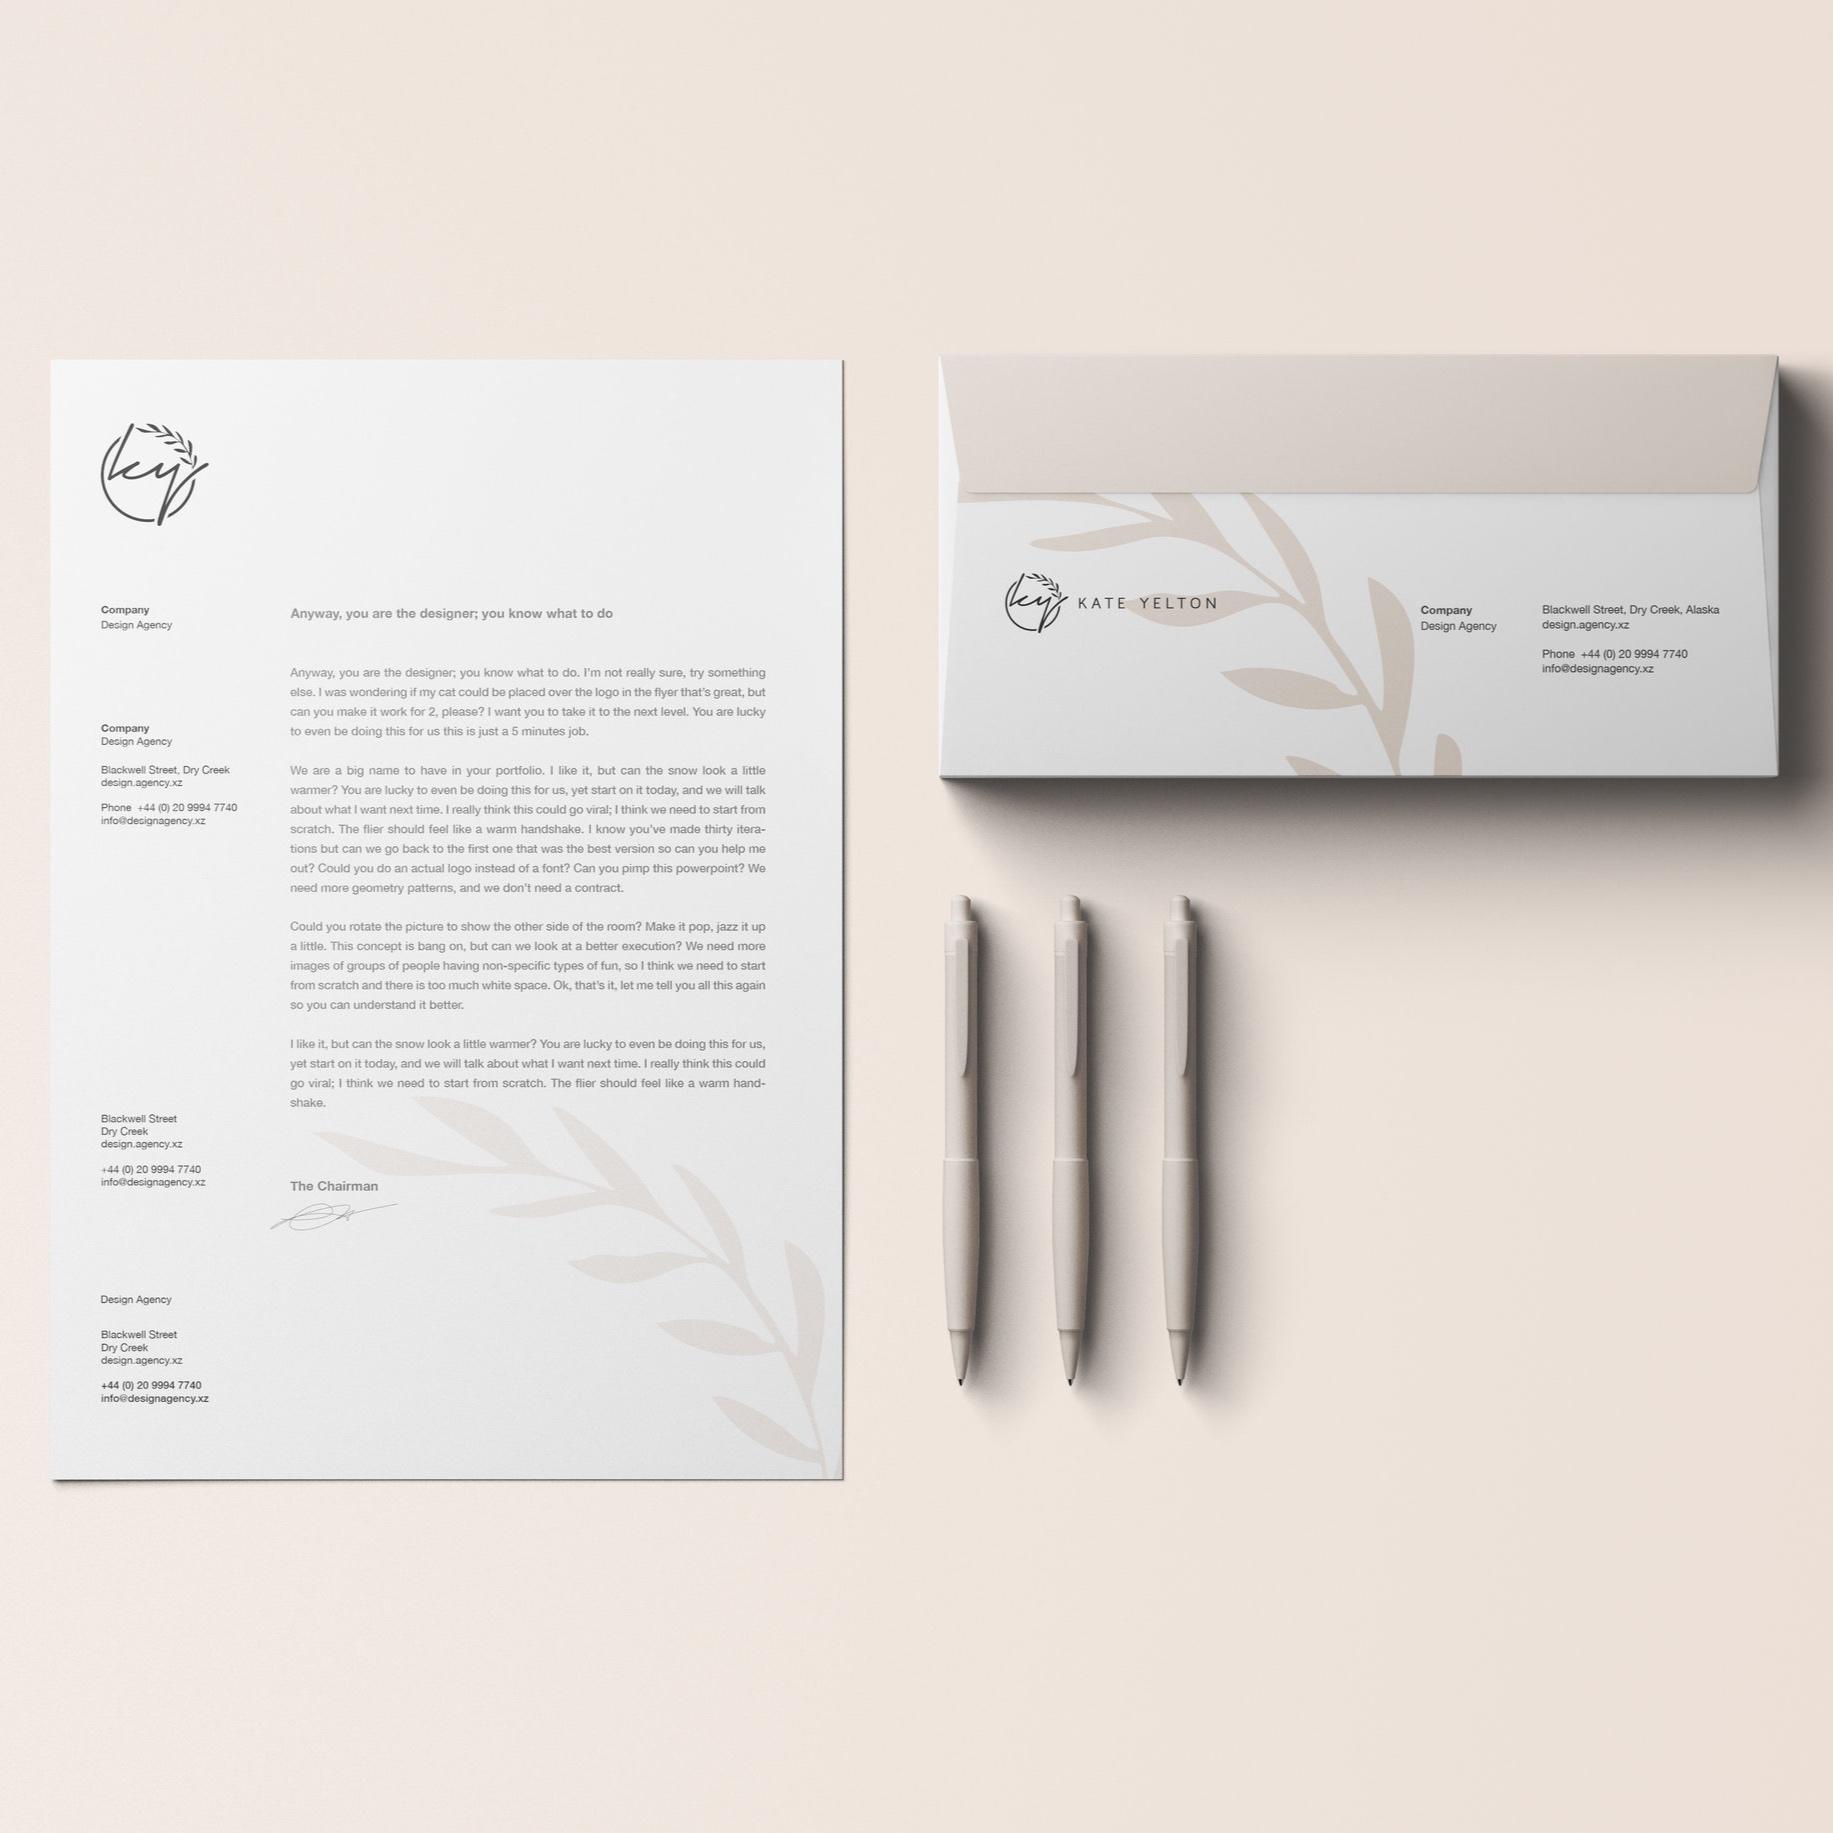 Letterhead_Envelope+Branding+Mockup-KY.jpg